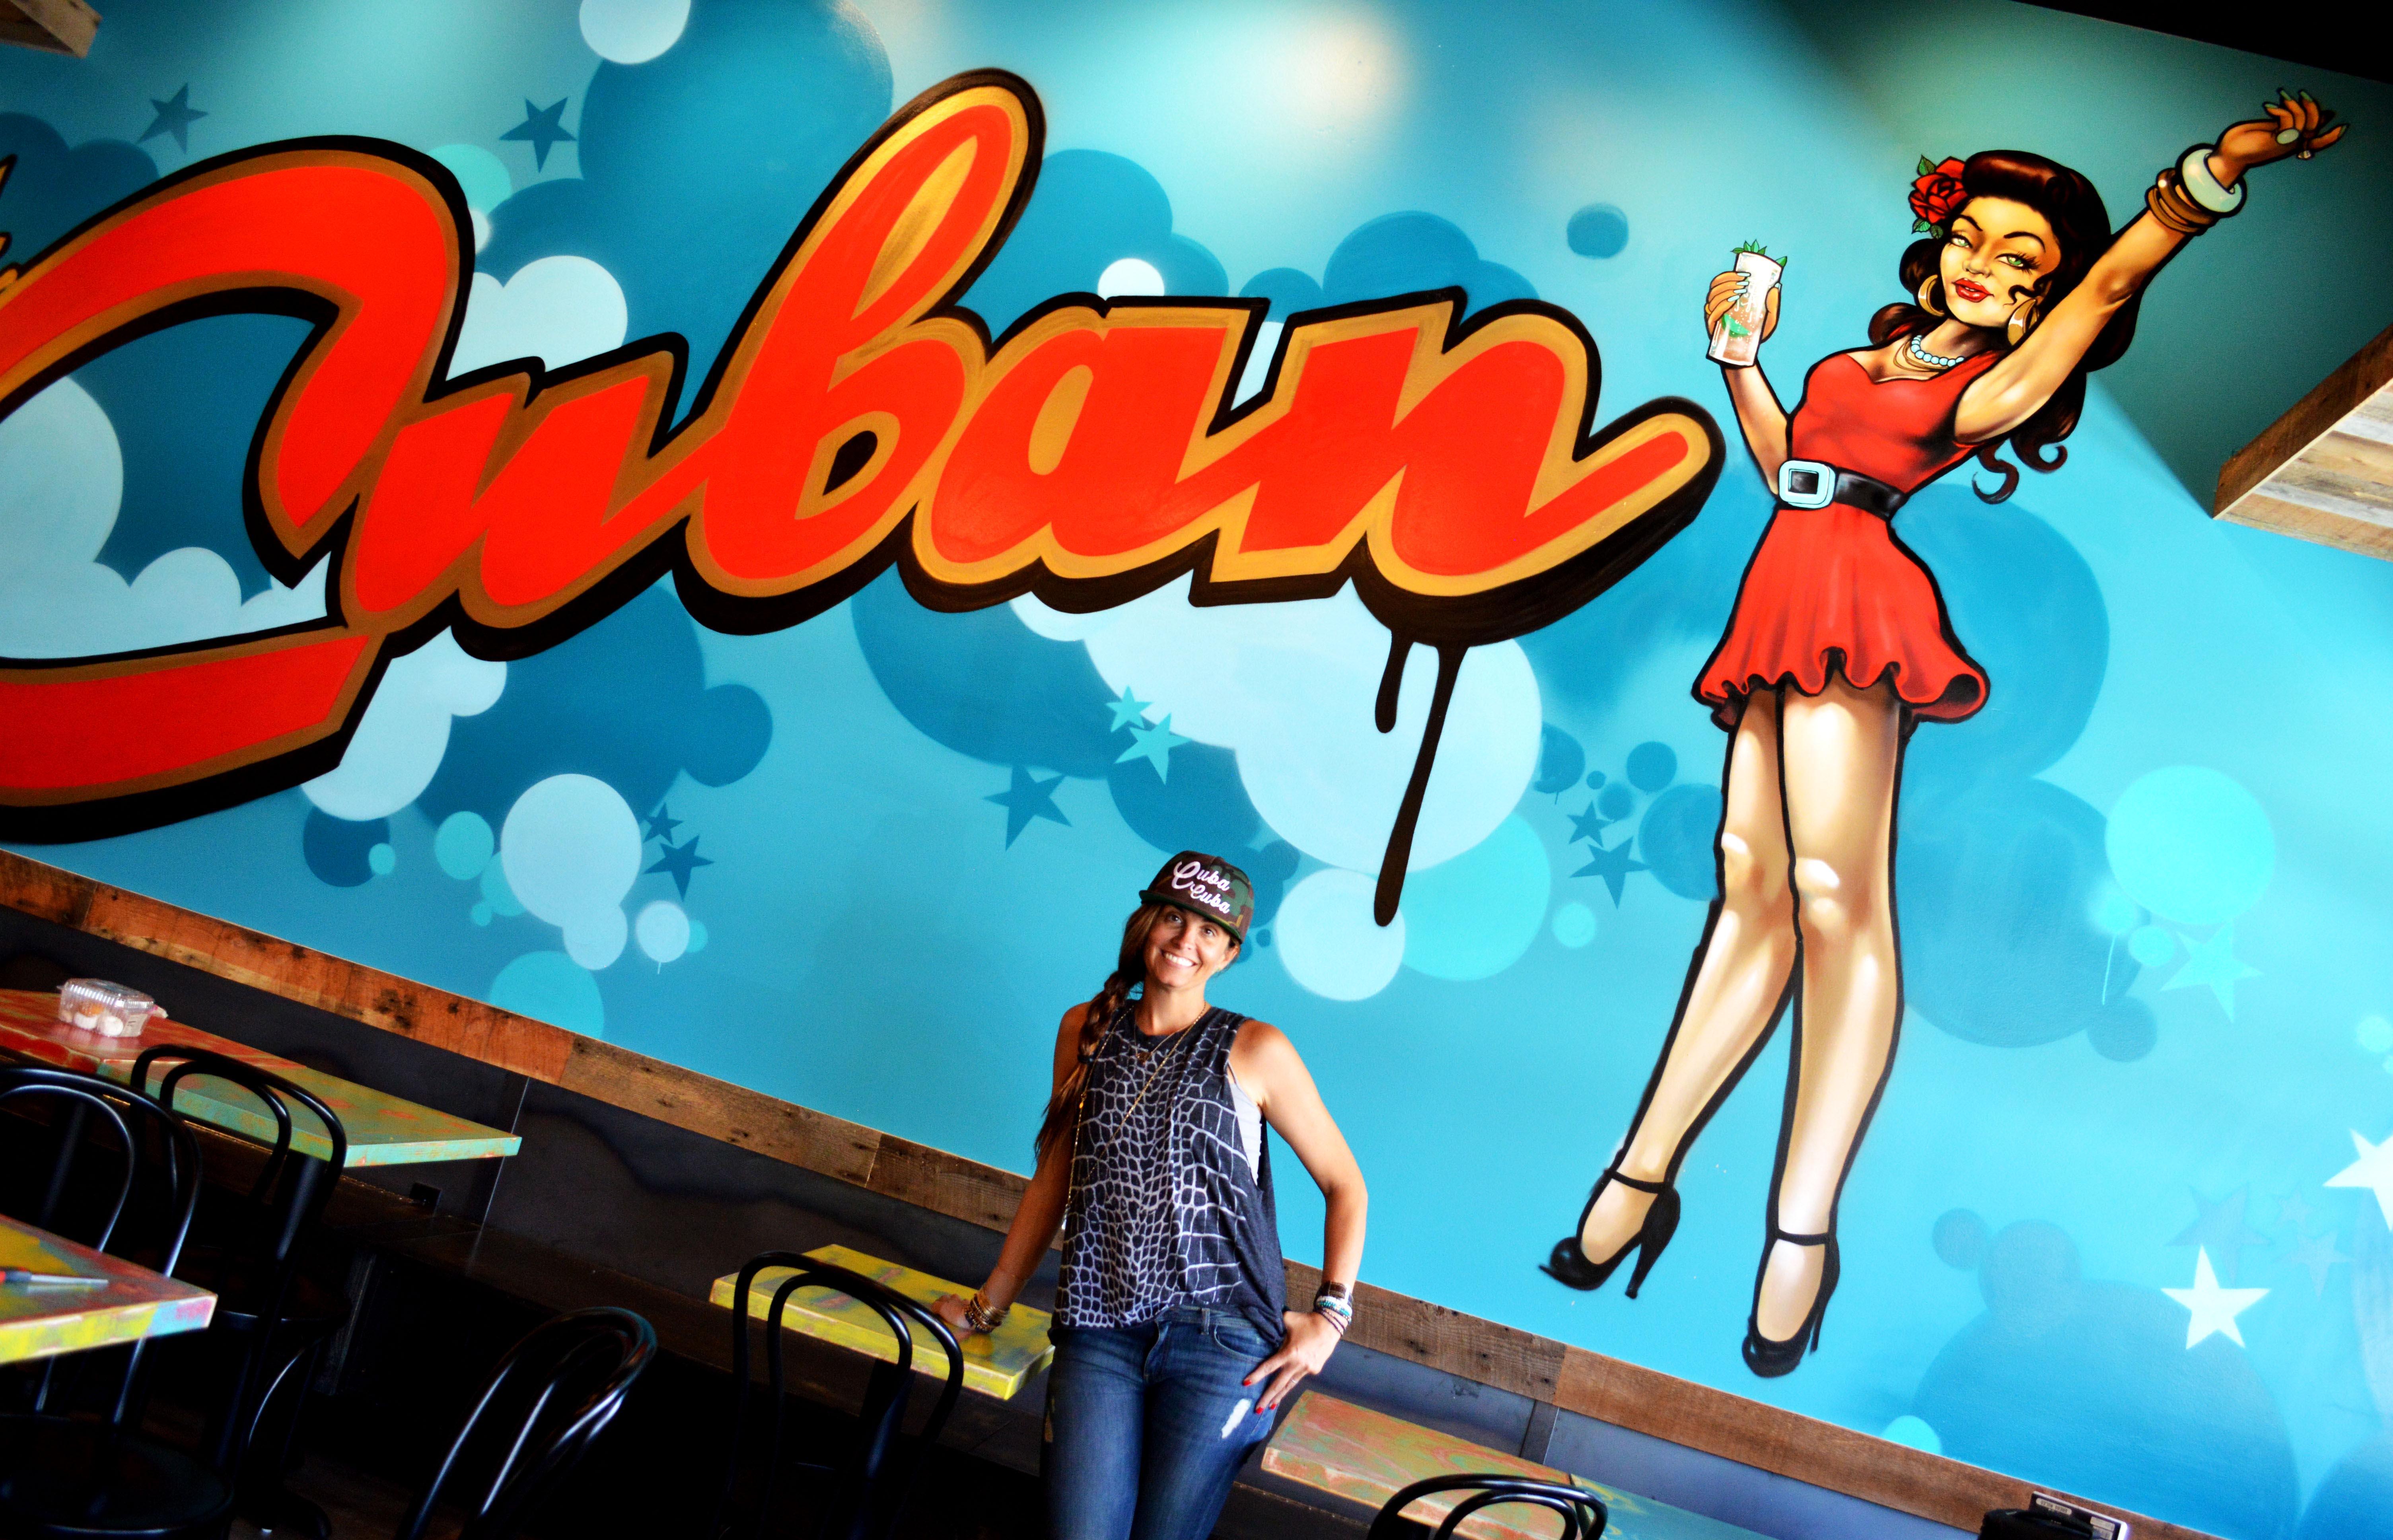 Cuba Cuba owner Kristy Bigelow